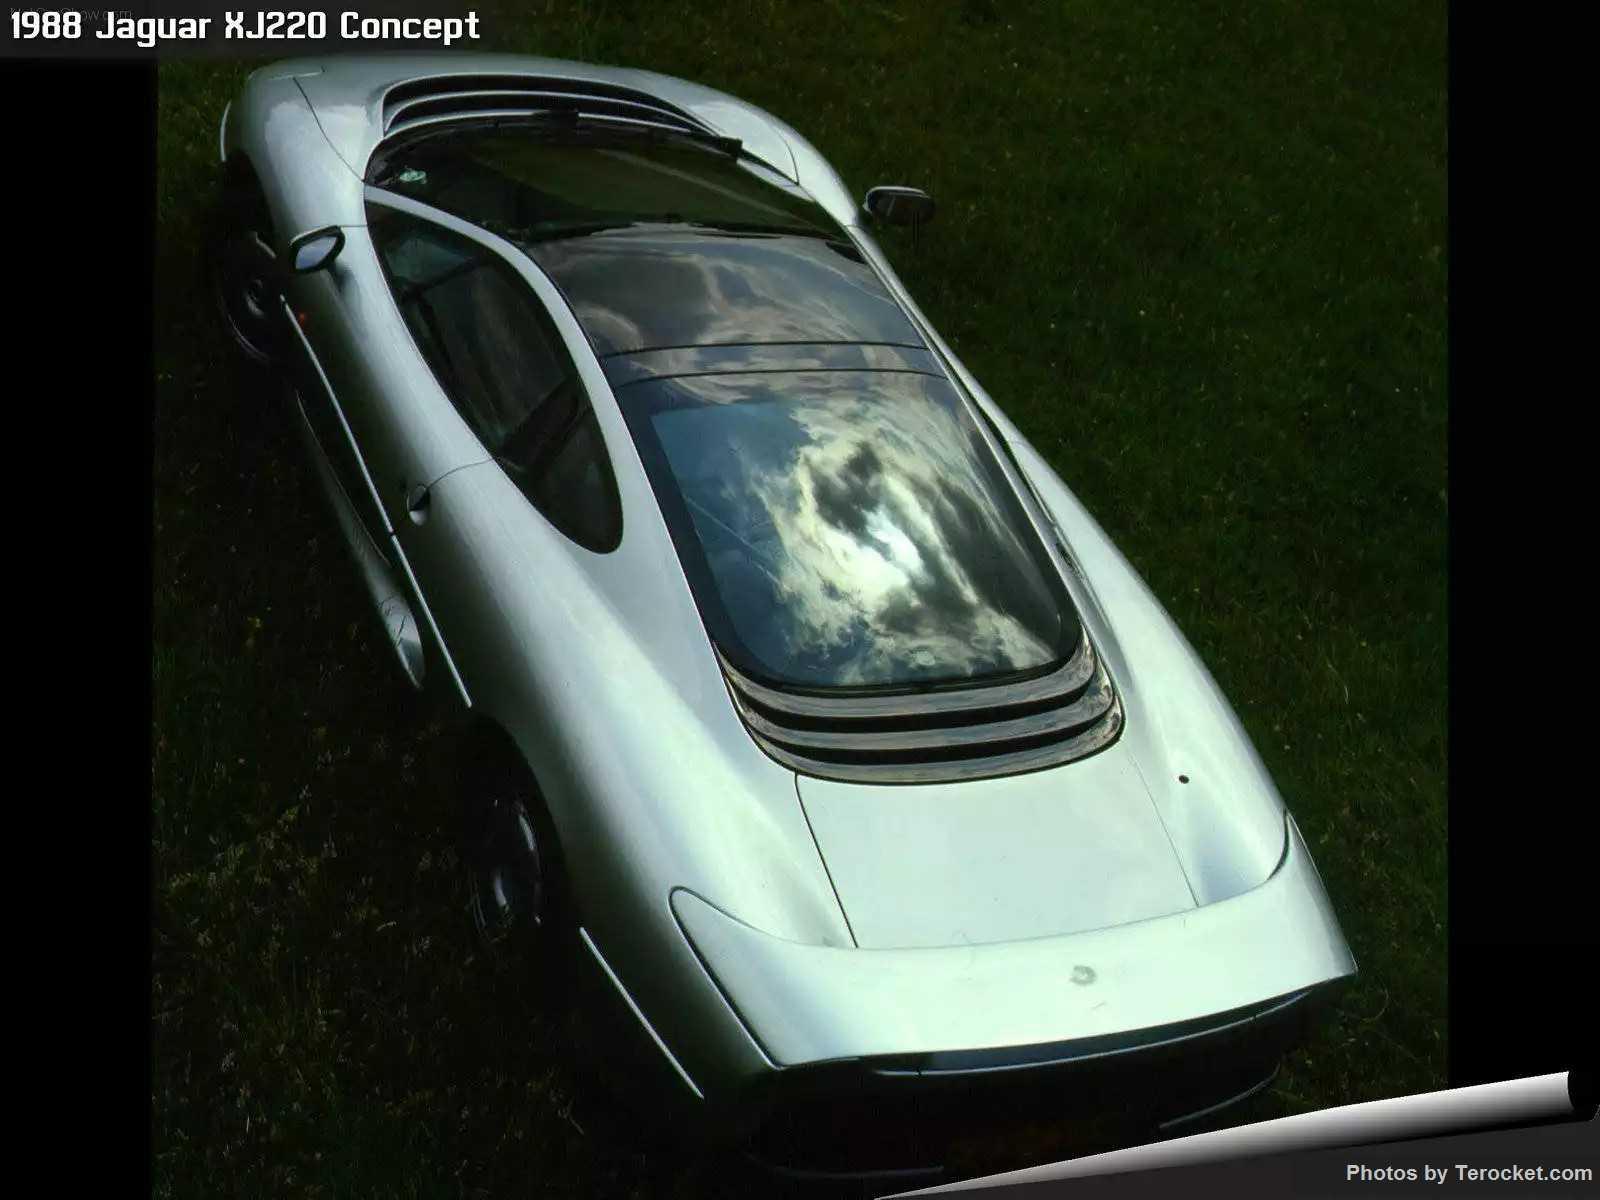 Hình ảnh xe ô tô Jaguar XJ220 Concept 1988 & nội ngoại thất